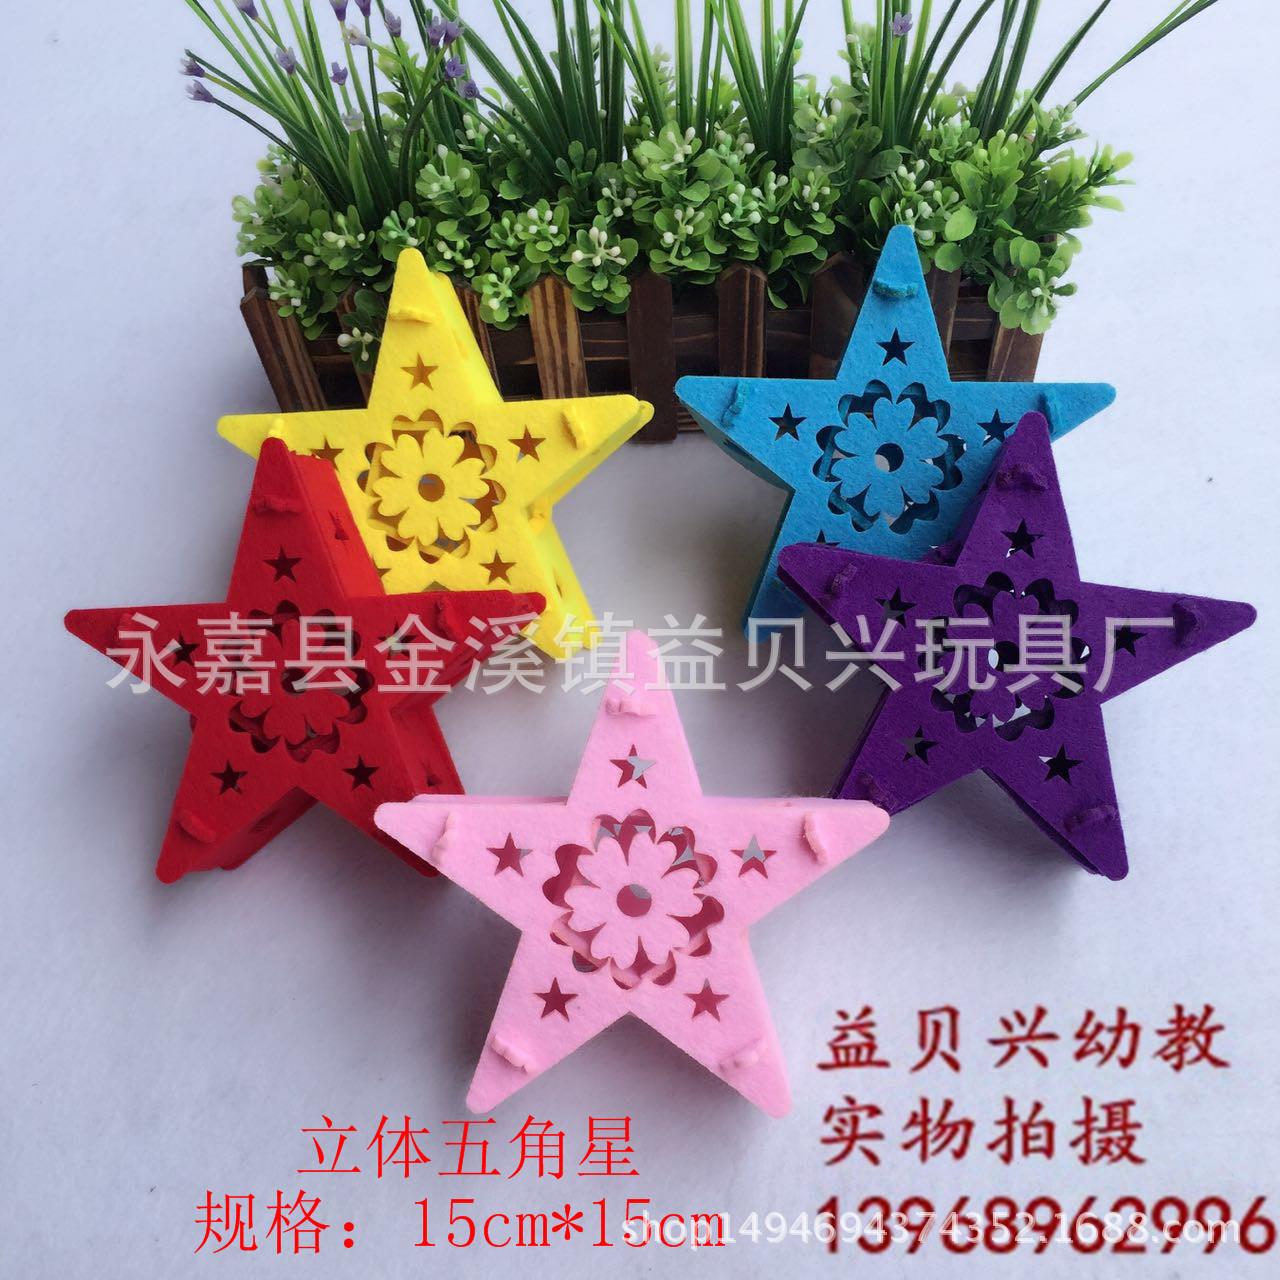 无纺布扇子吊饰幼儿园走廊创意空中挂饰室内布置 悬挂 中国风示例图13